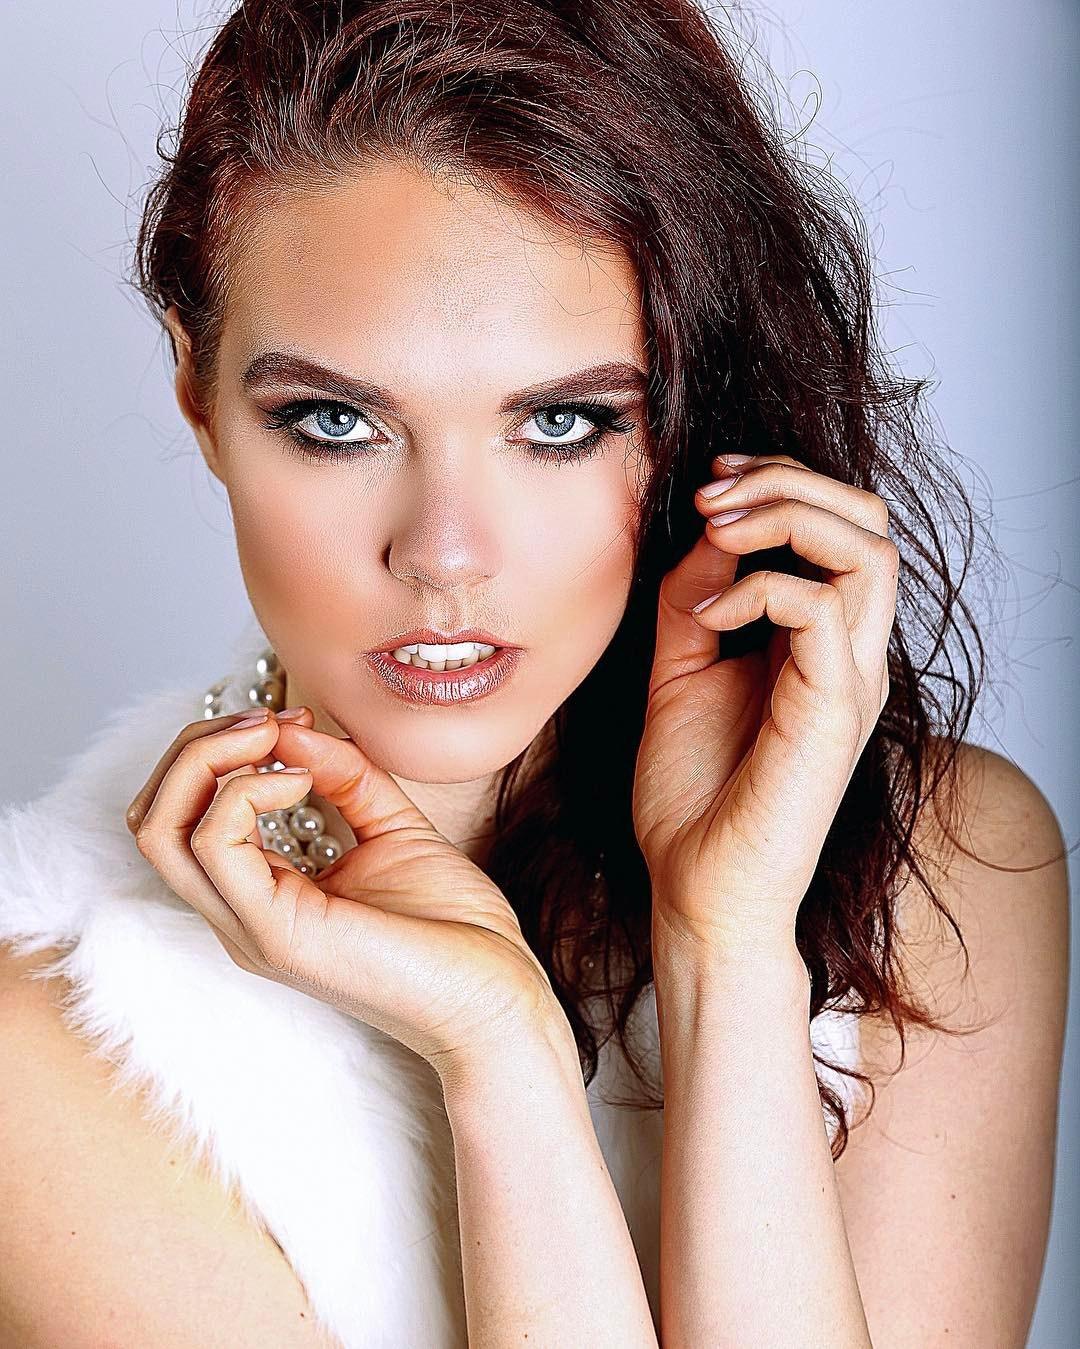 Julie Silvero's Model portfolio